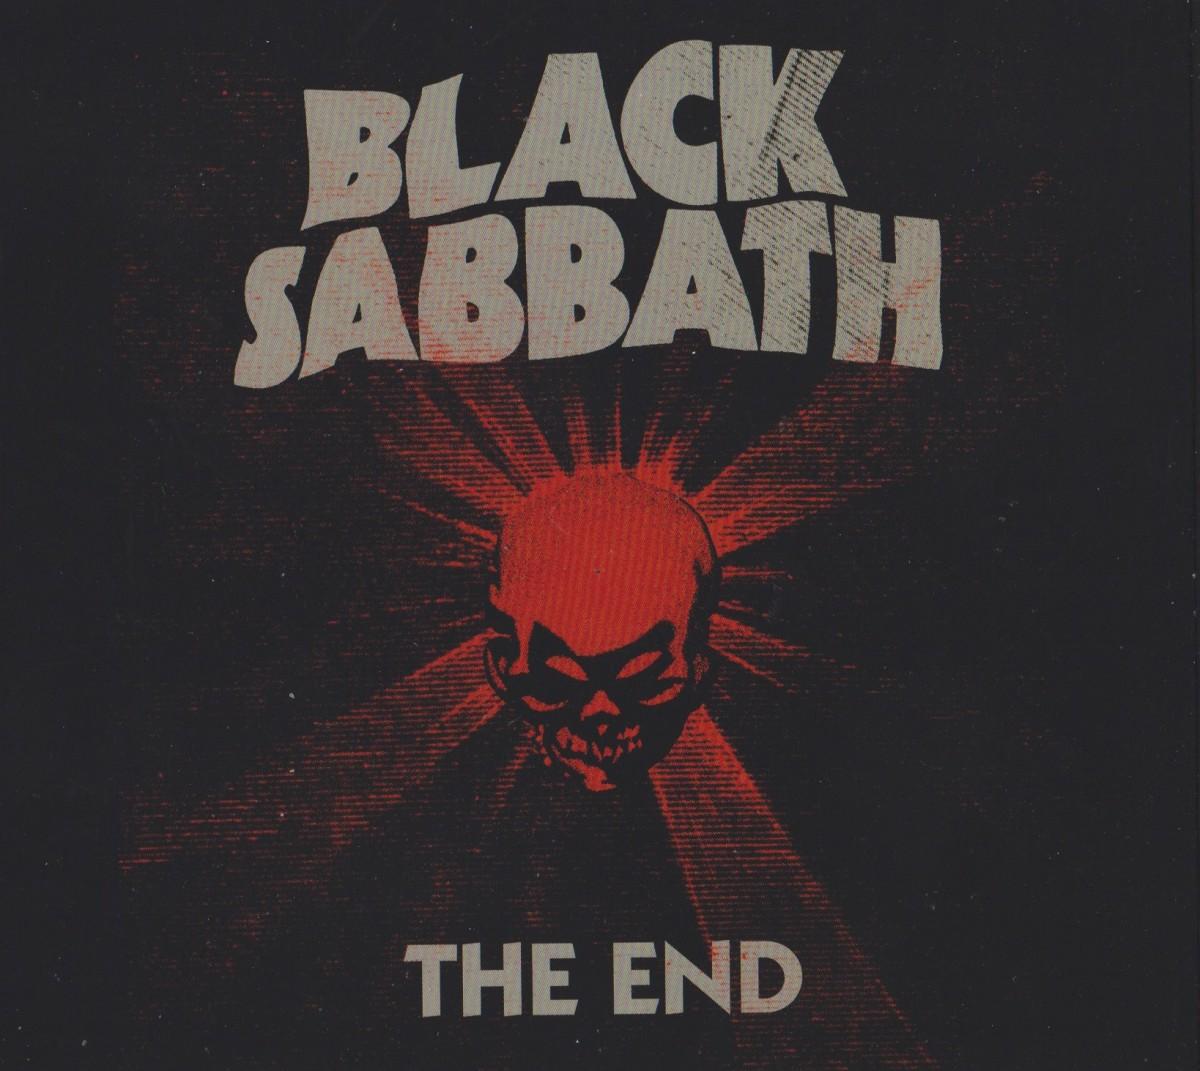 Review Black Sabbath The End 2016 Mikeladano Com